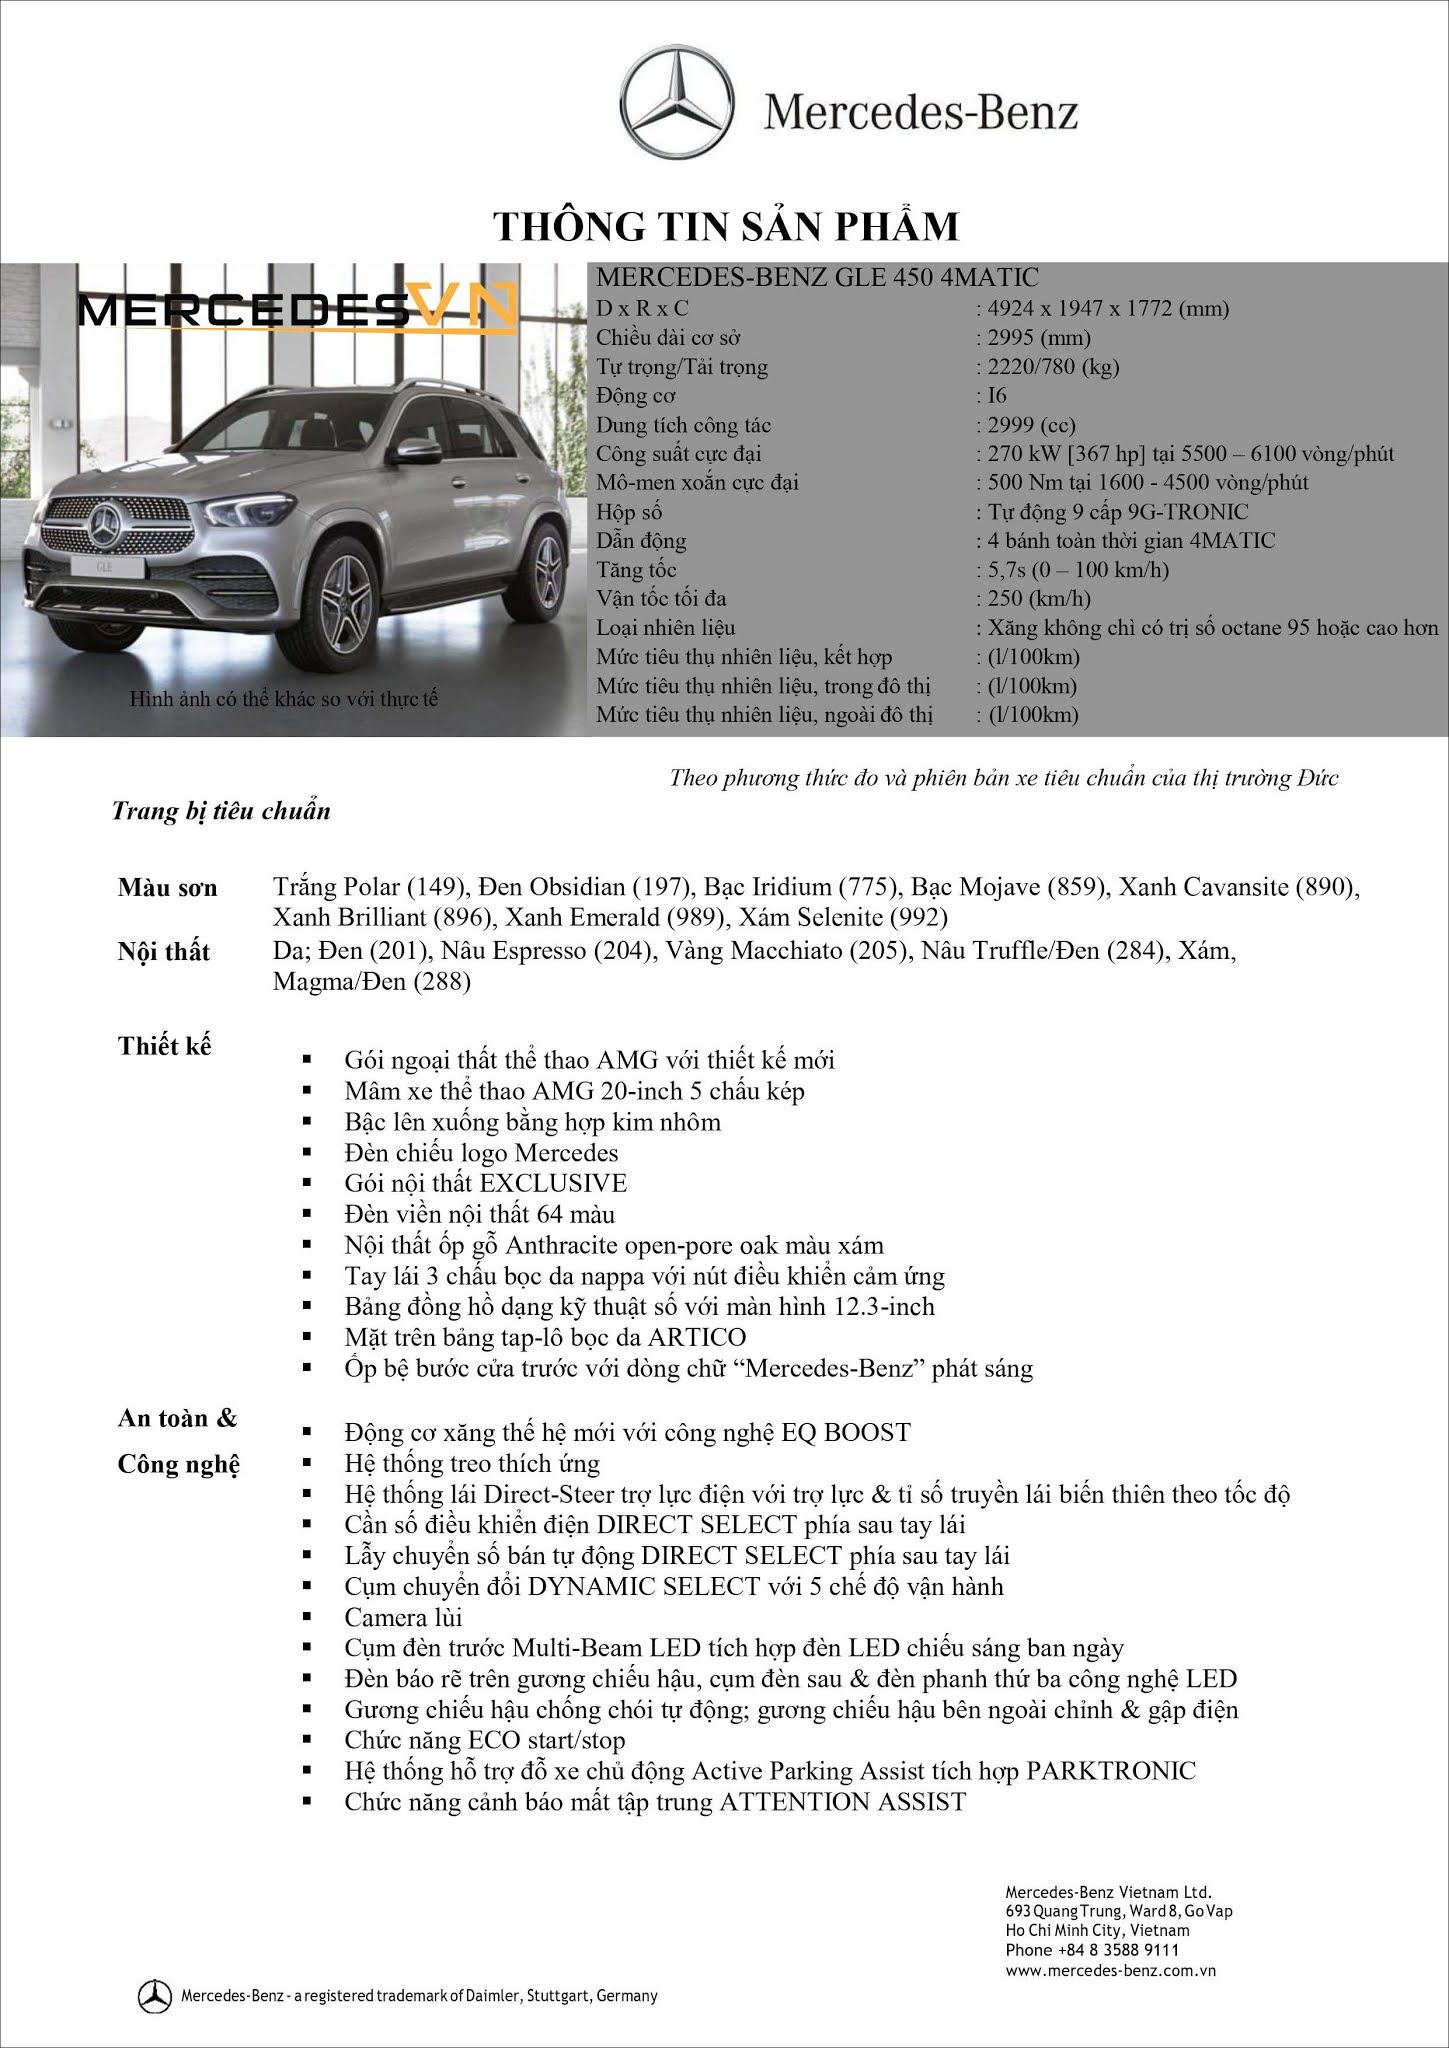 Bảng thông số kỹ thuật Mercedes GLE 450 4MATIC 2021